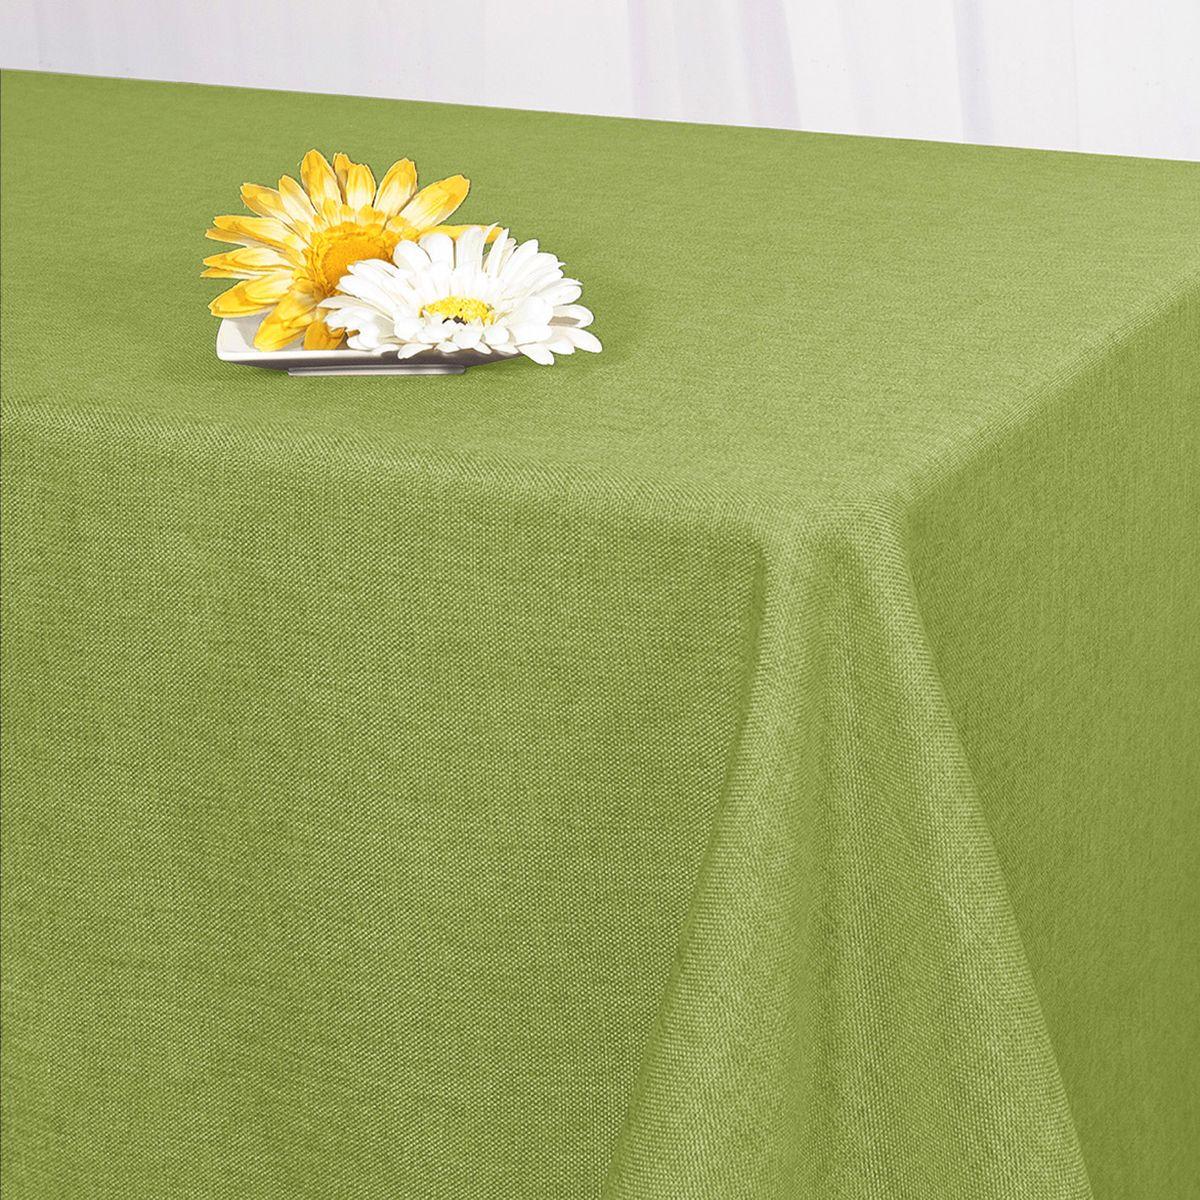 Скатерть Schaefer, прямоугольная, цвет: оливковый, 130 x 160 см. 07500-42707500-427